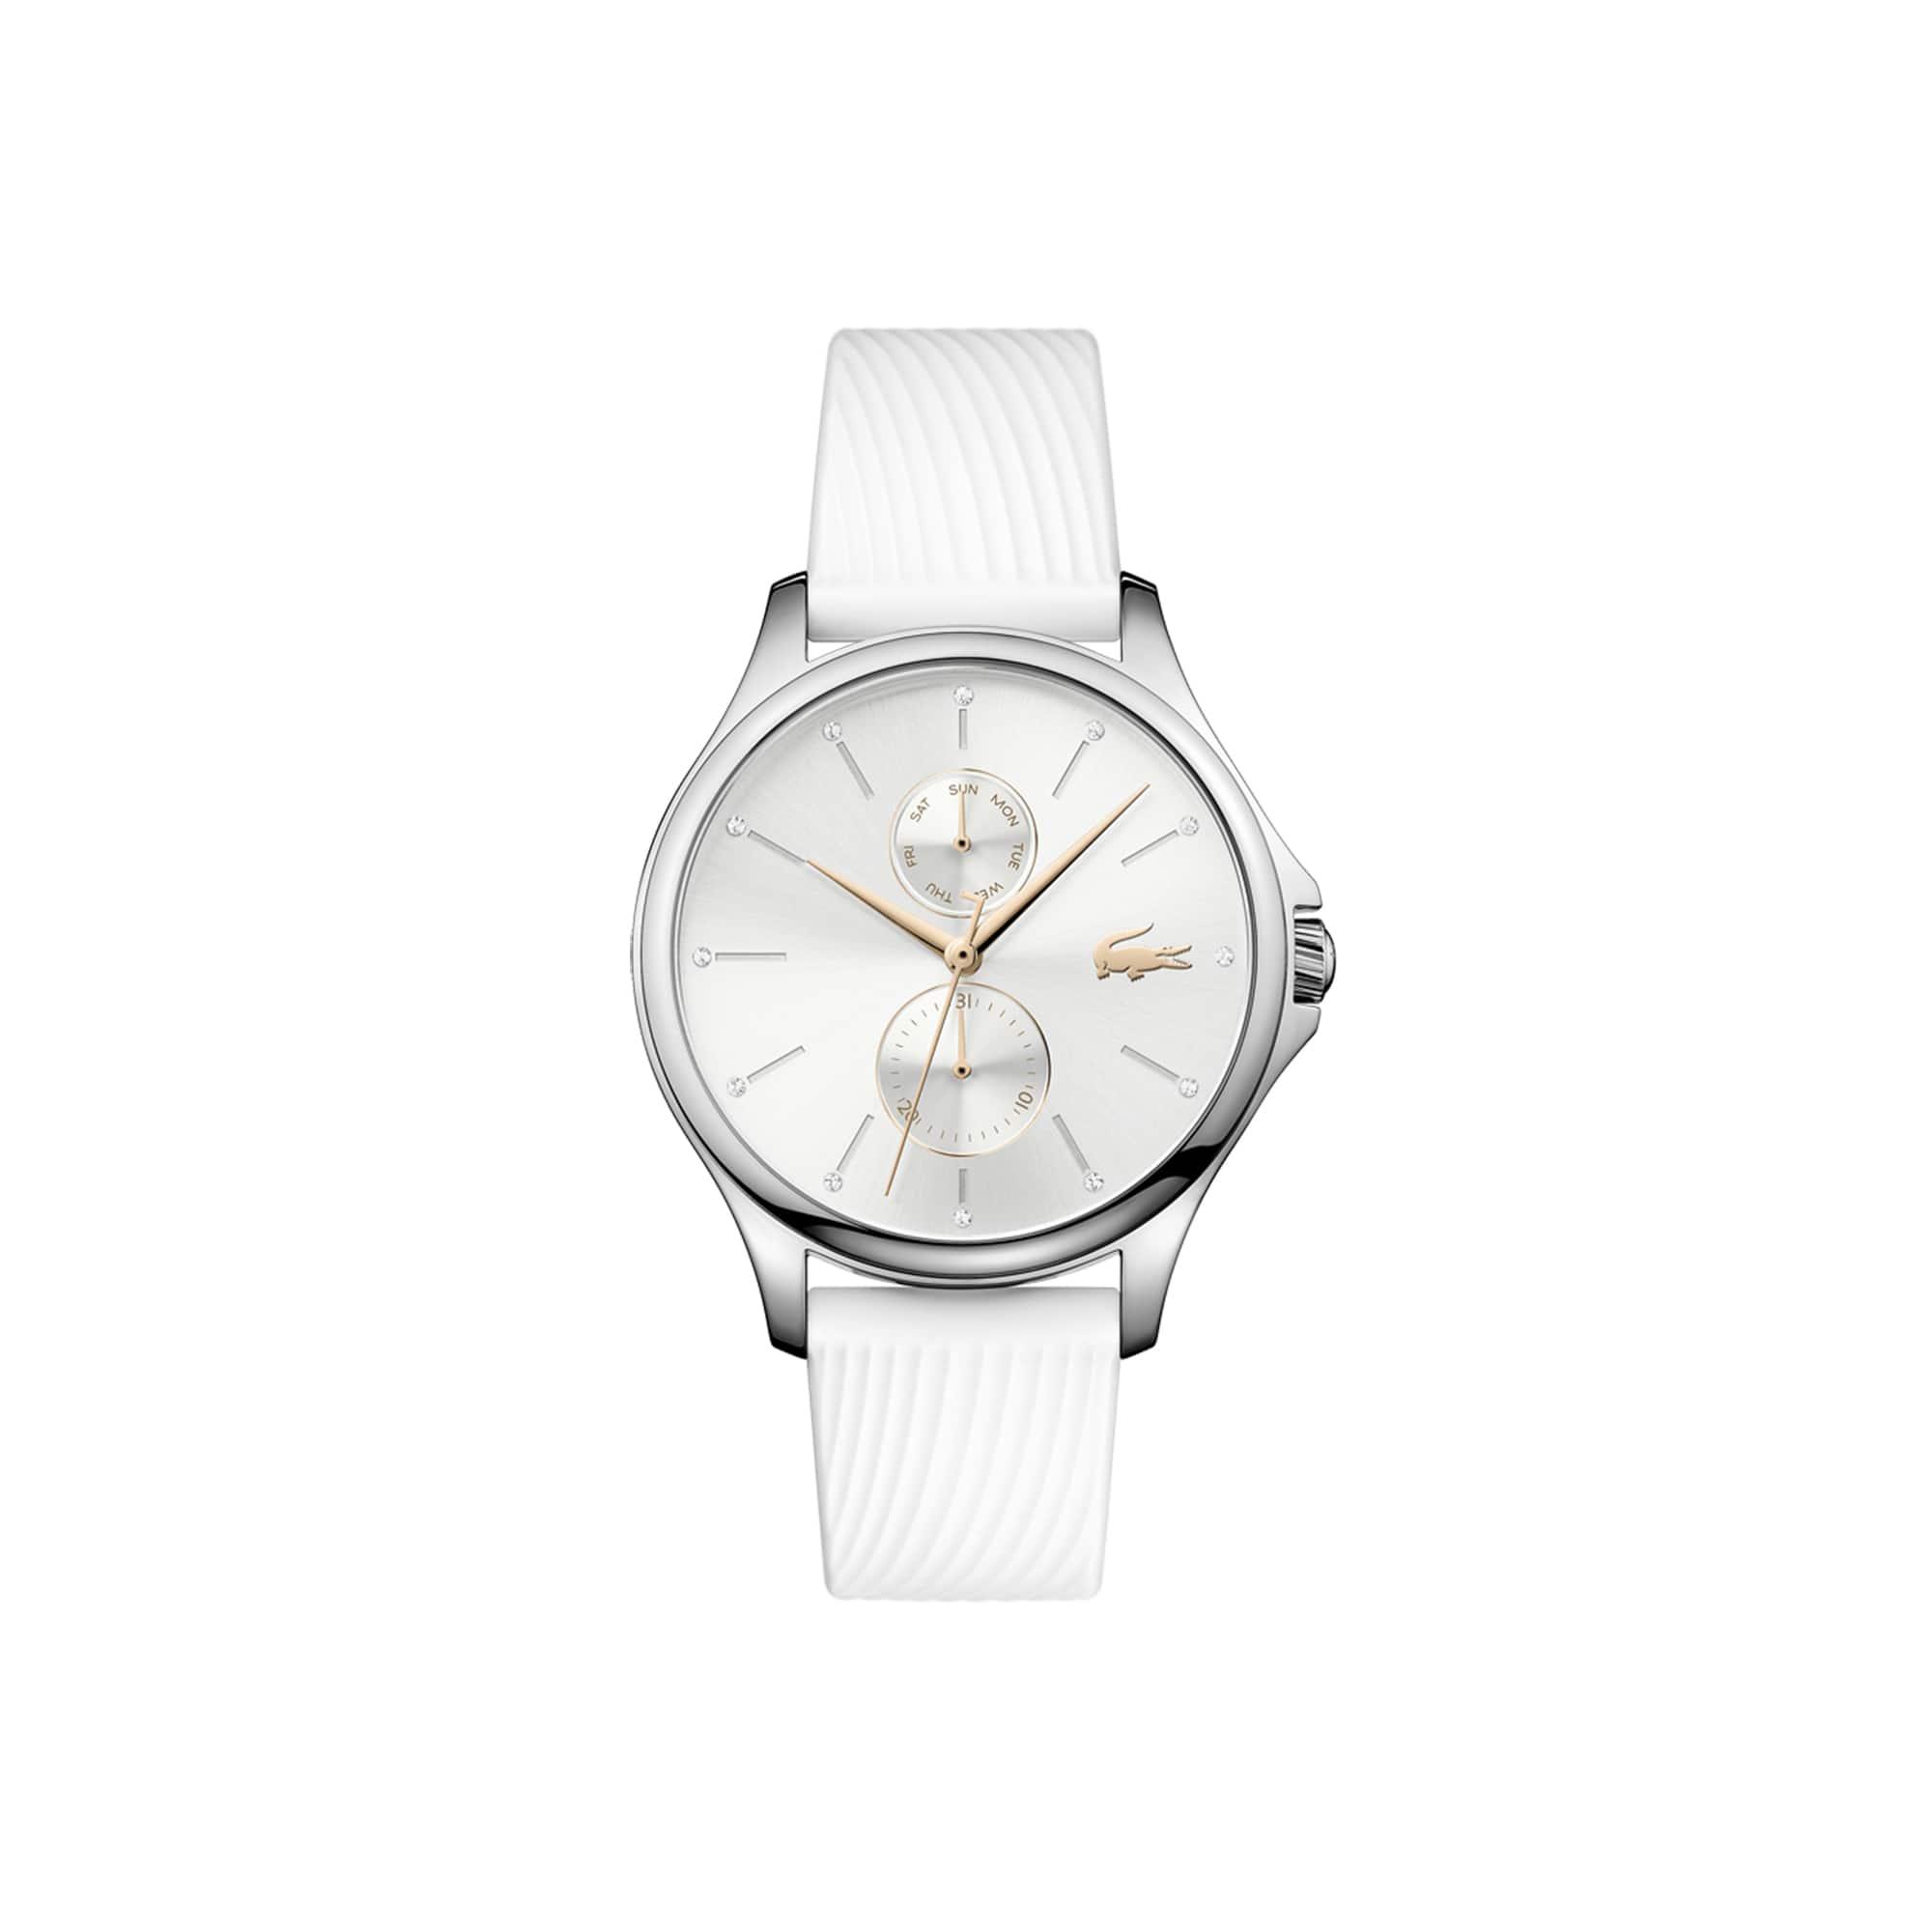 Relógio multifunções Kea de mulher com bracelete de silicone branca